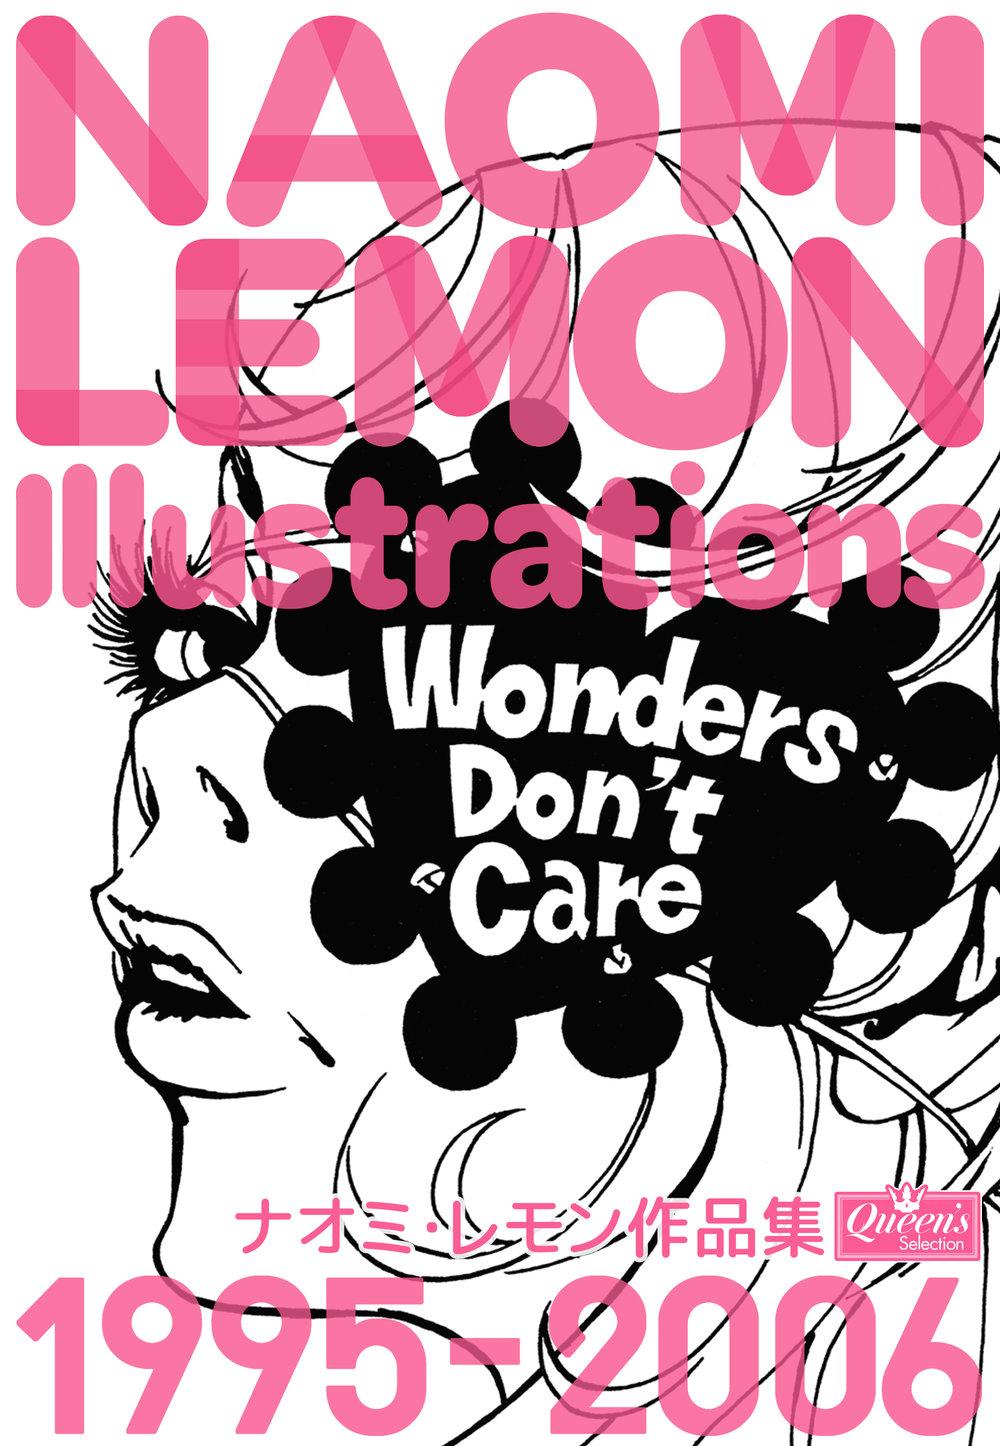 ナオミ・レモン作品集『Wonders Don't Care』電子版 - NAOMI LEMON ILLUSTRATIONS「Wonders Don't Care」e-book editionAmazonで買う